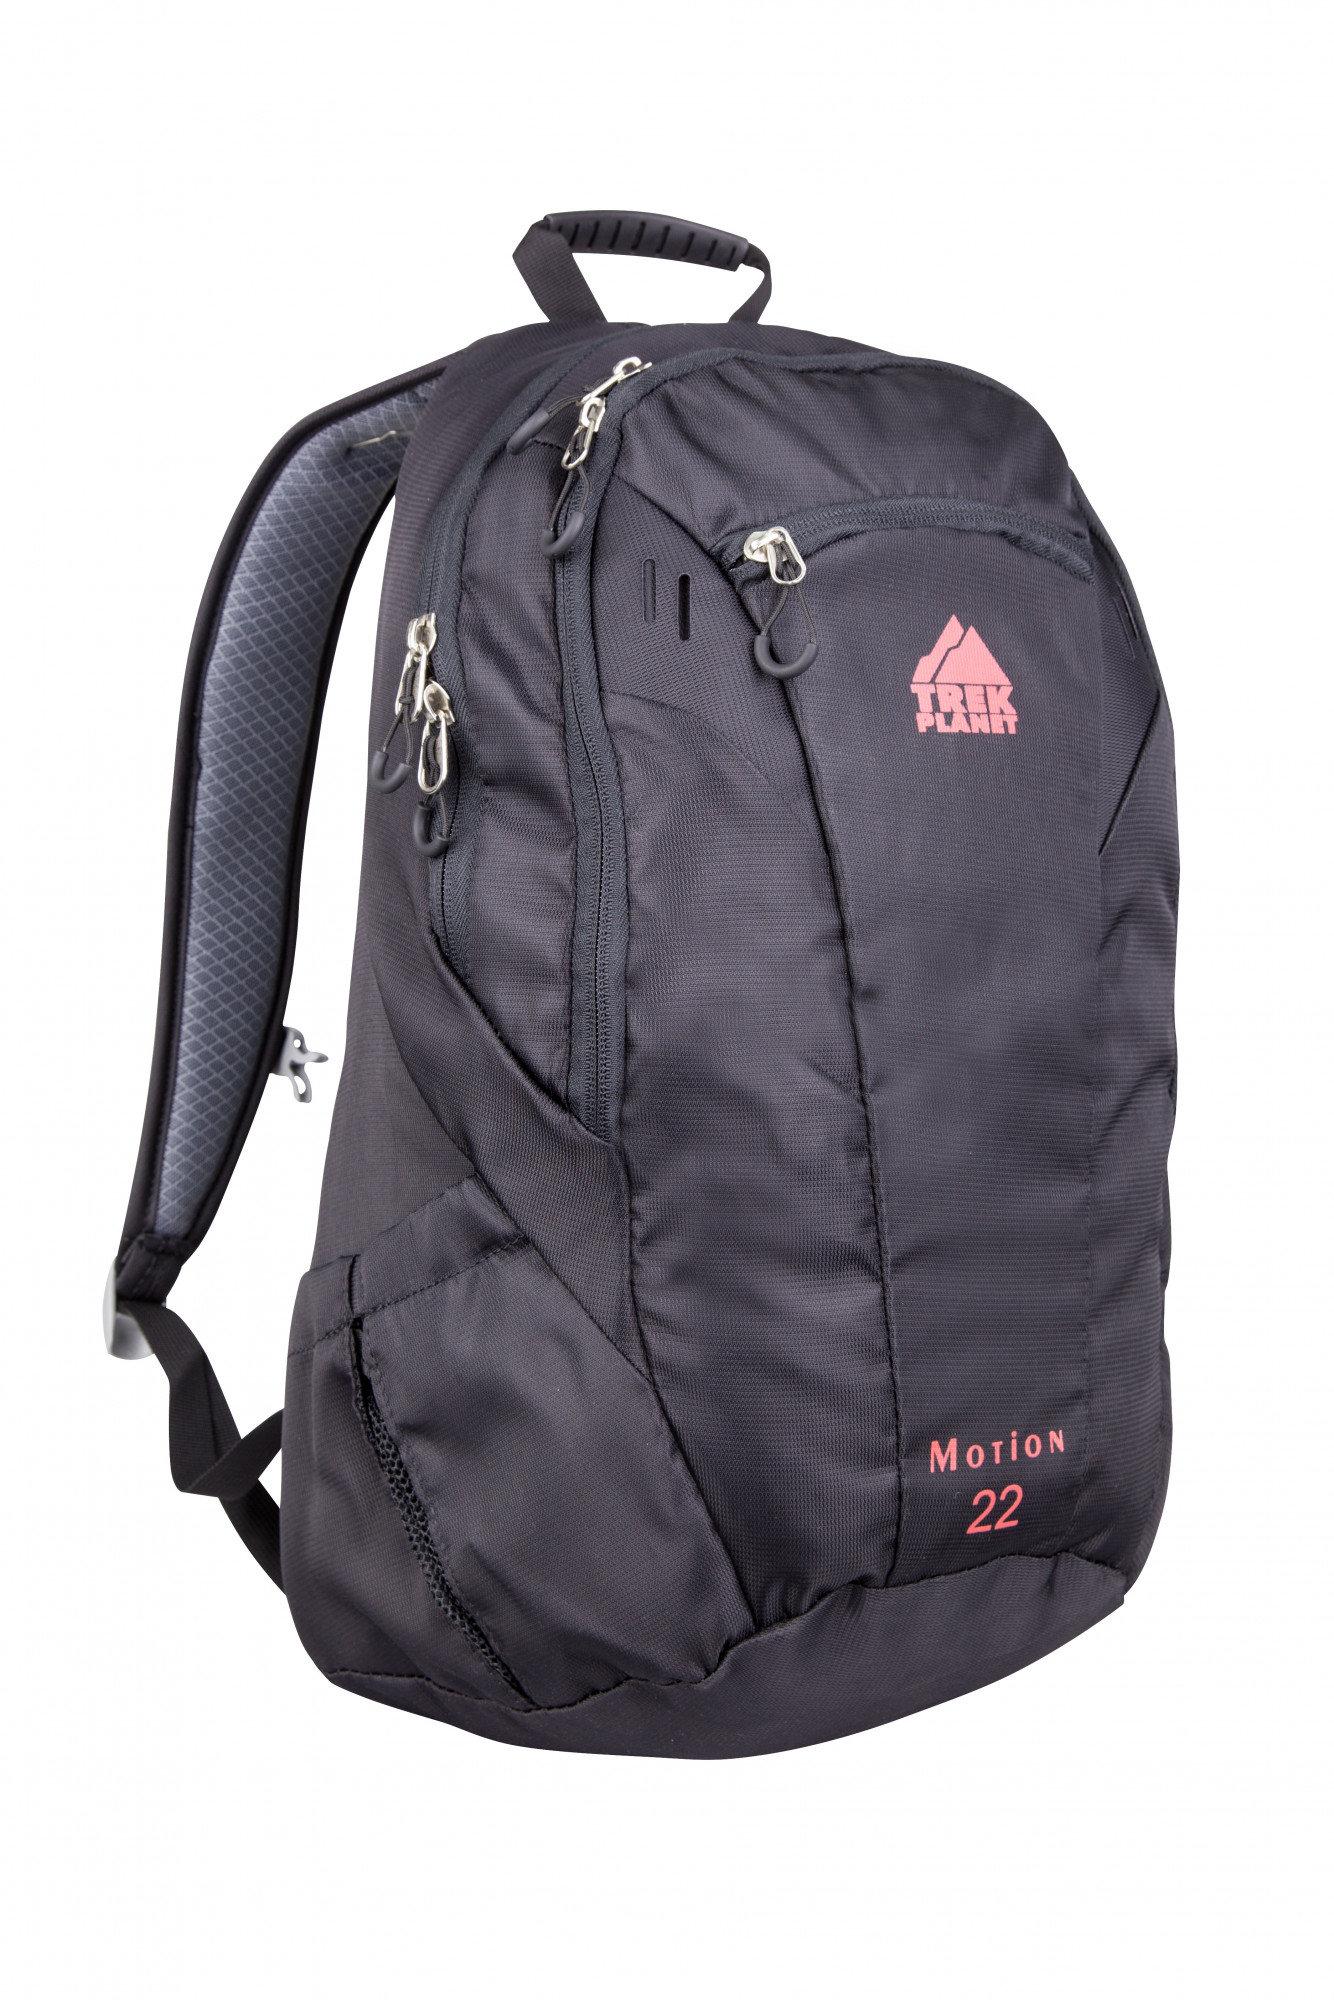 Спортивный походный рюкзак TREK PLANET Motion 22